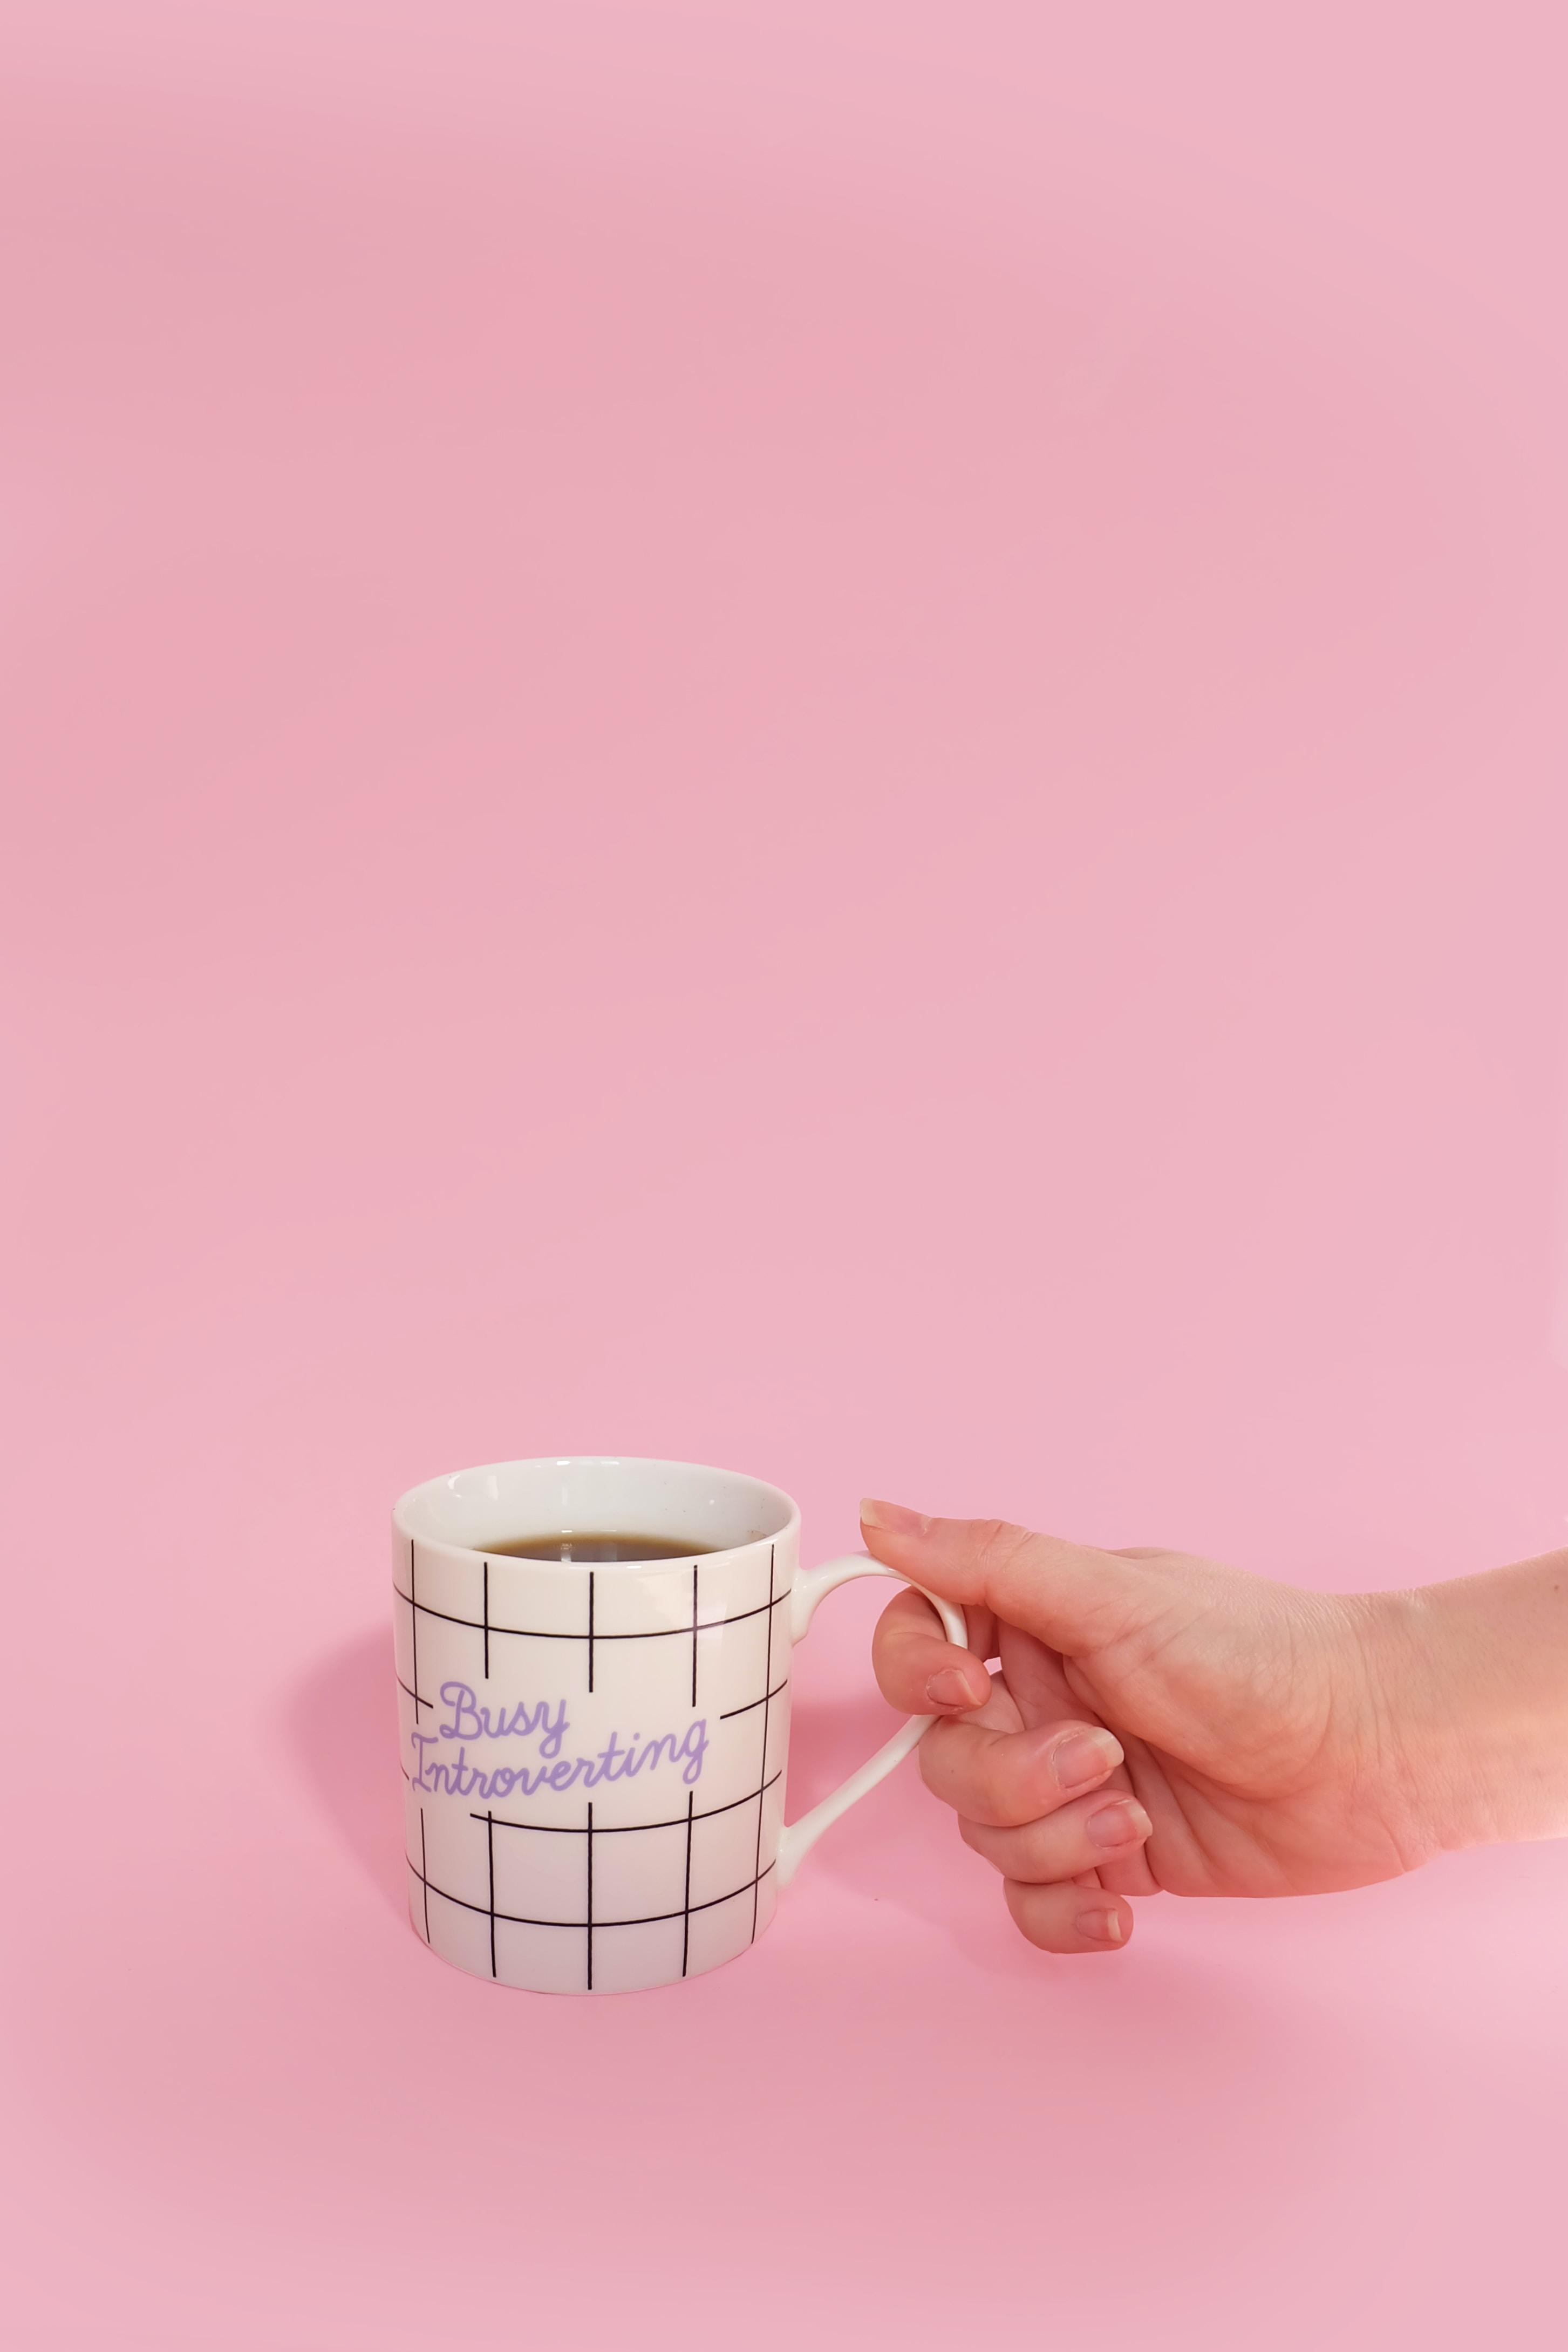 White Mug with a hand